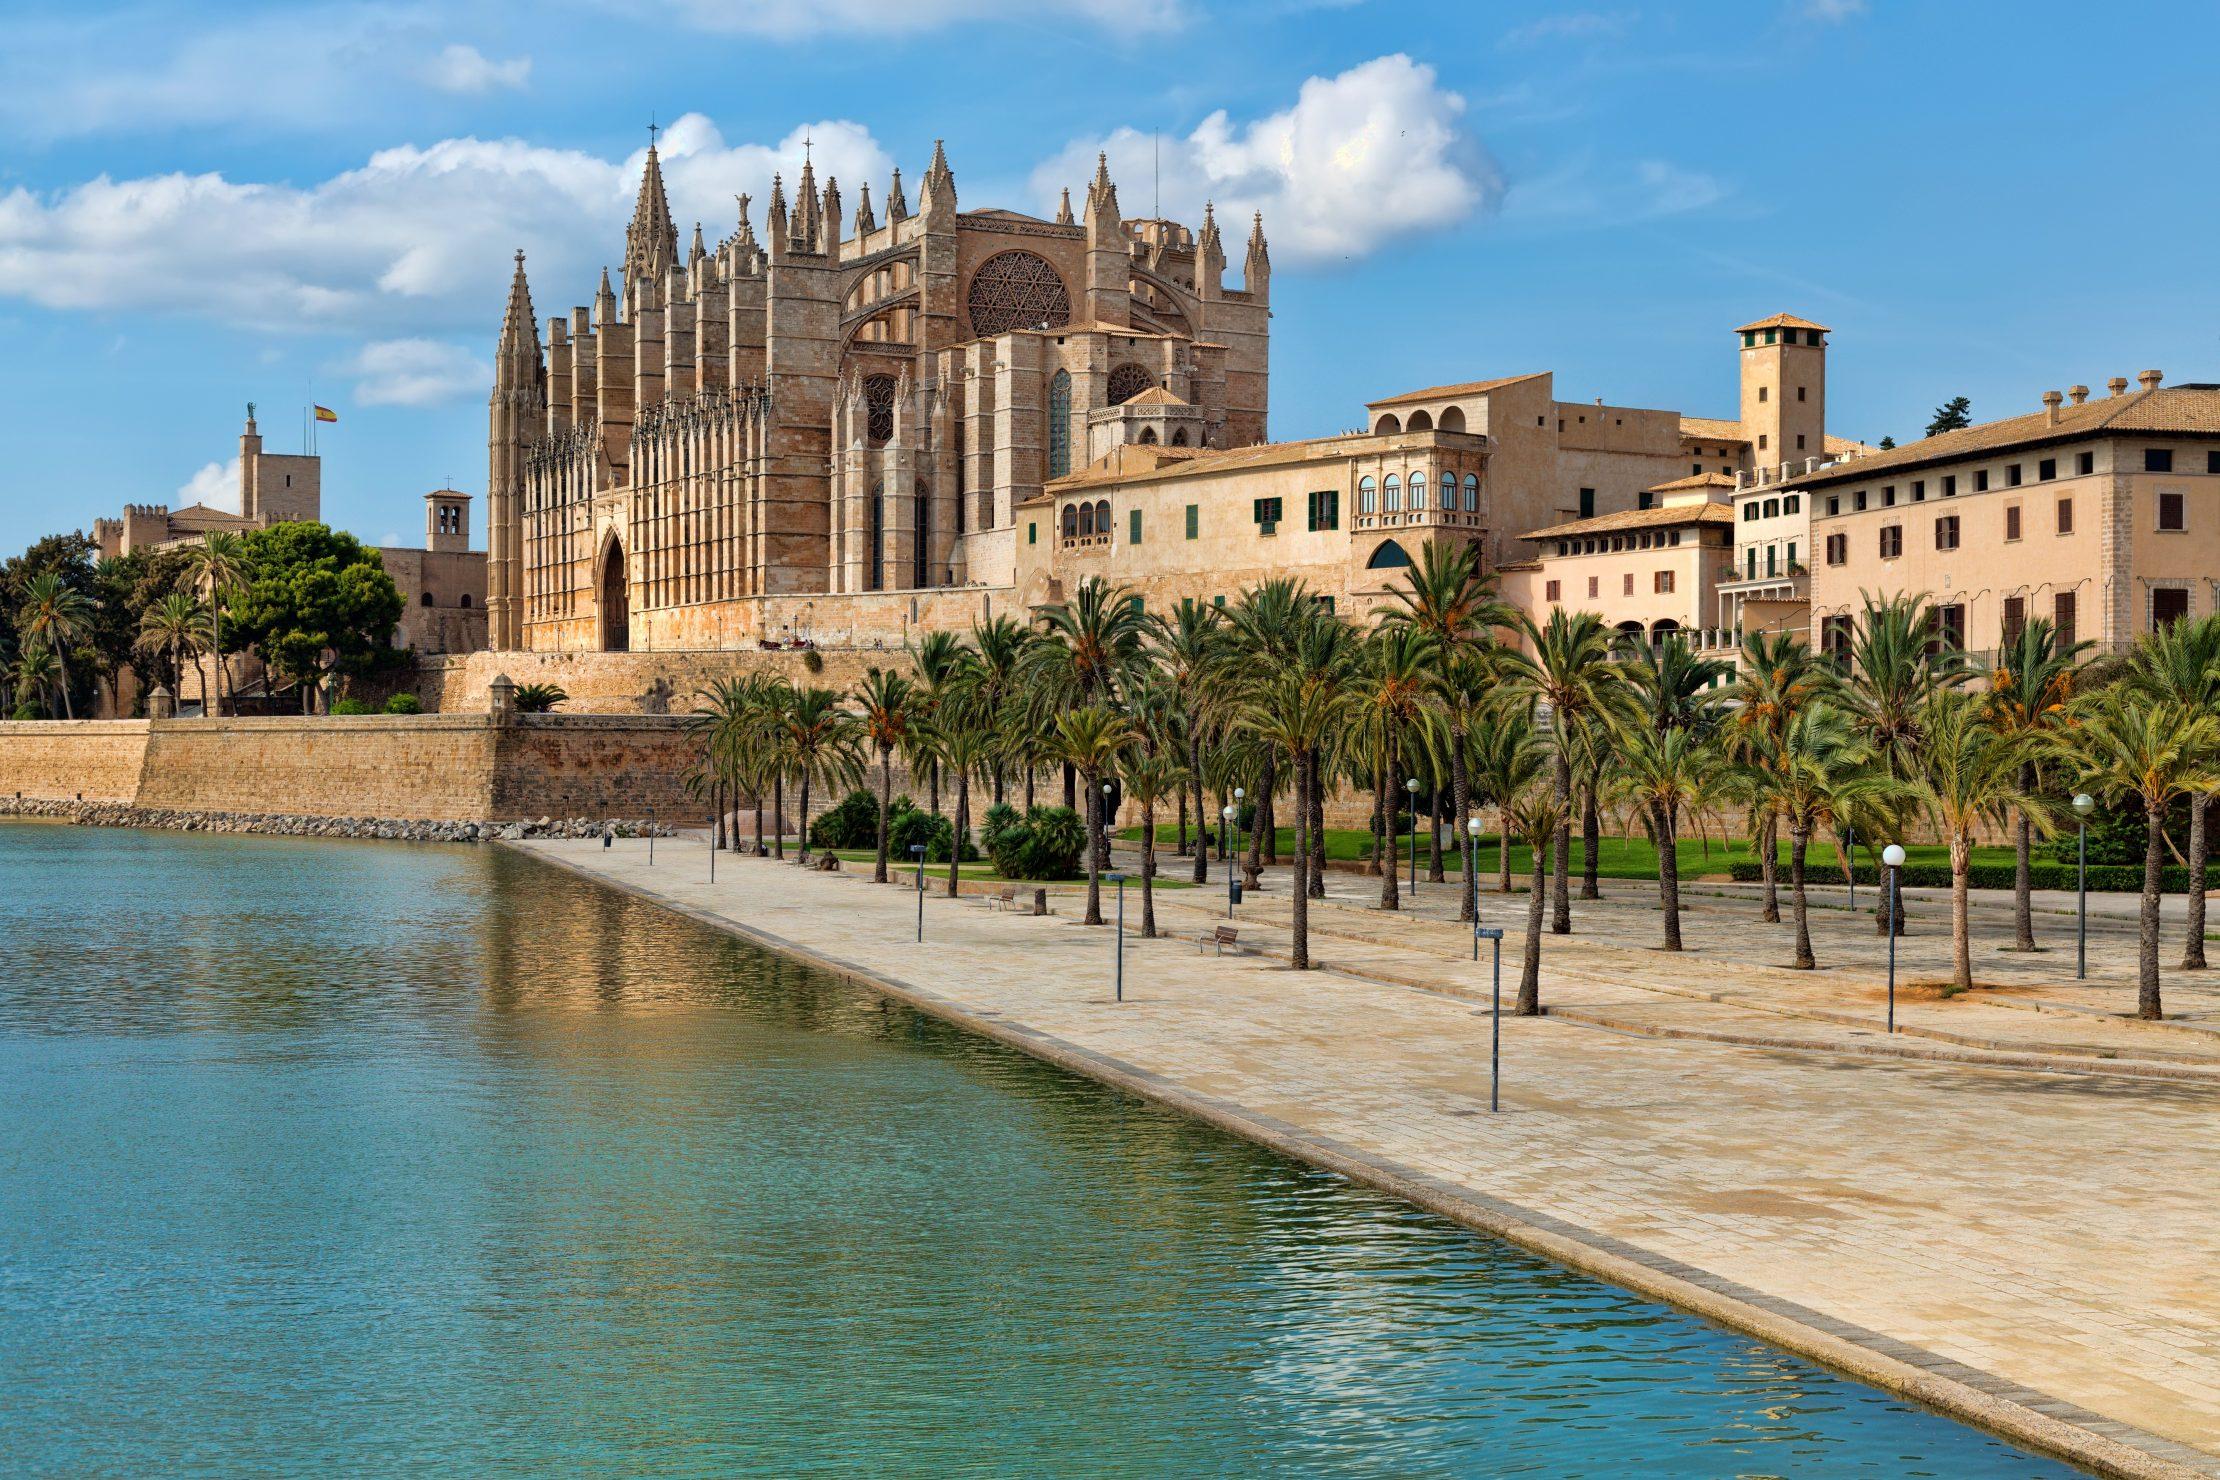 Cathedral of Palma de Mallorca